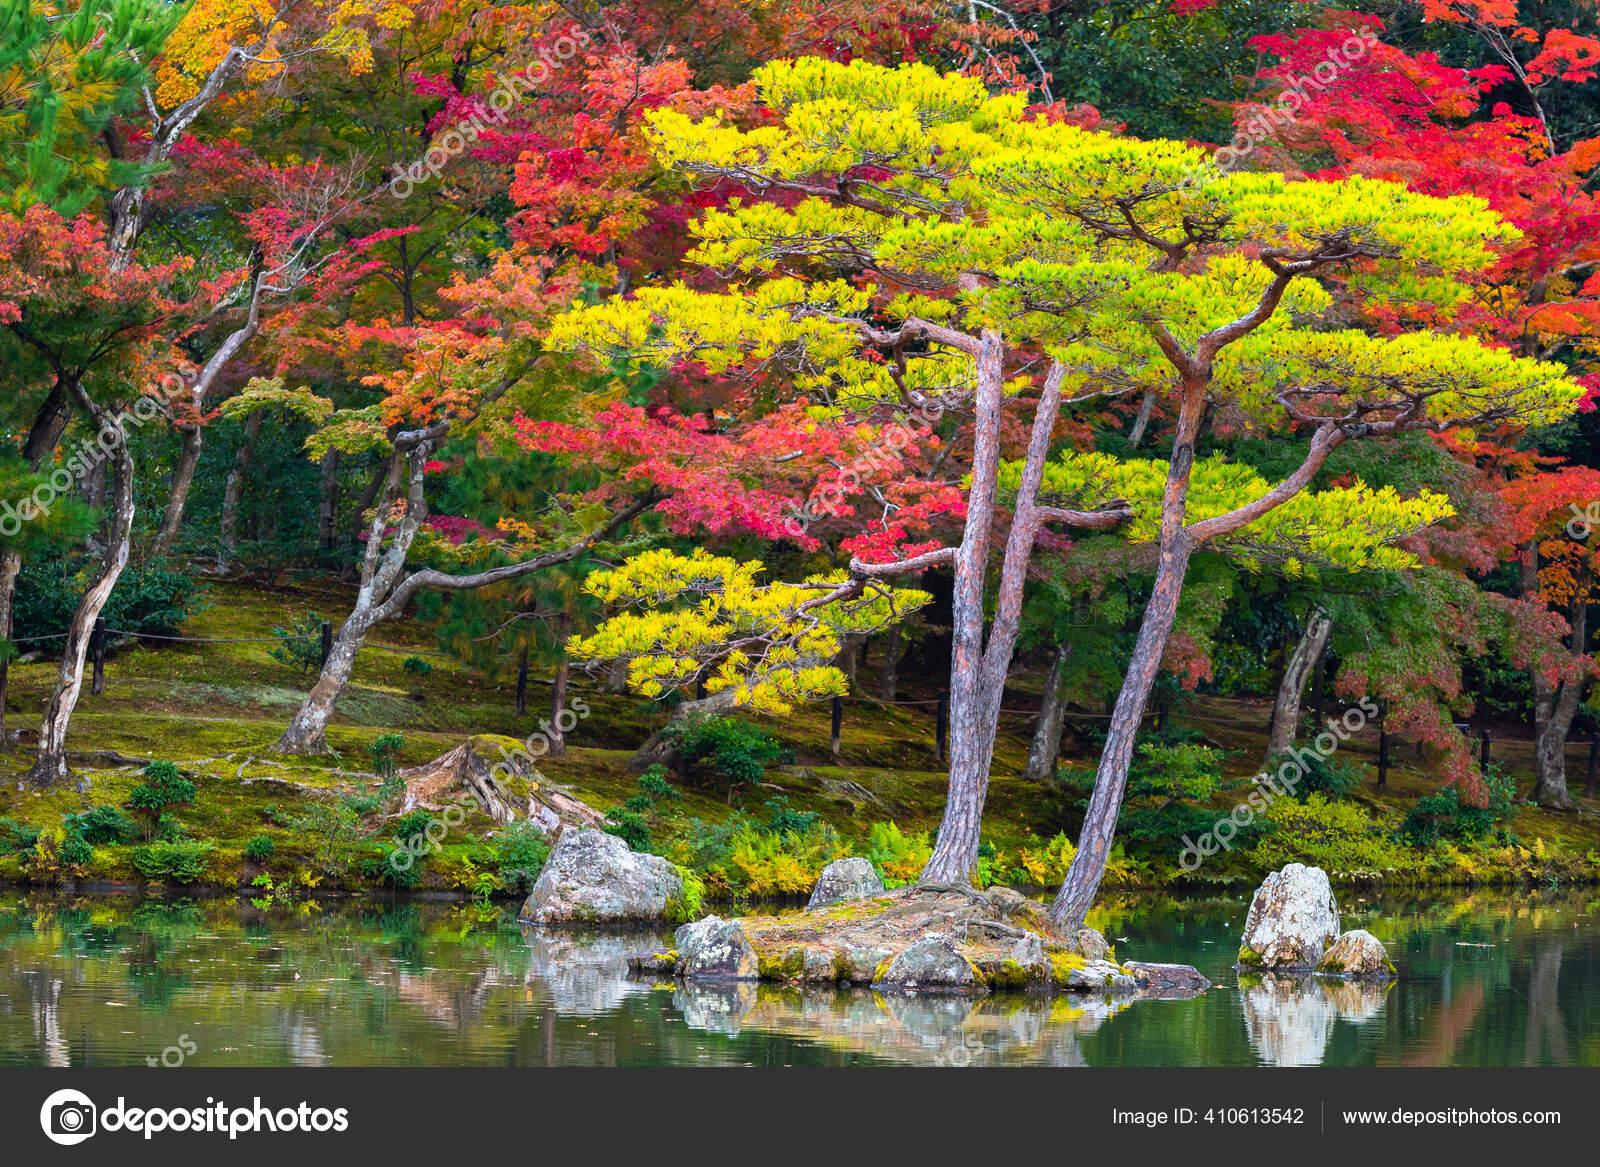 Autumn Japan Nature Japan Autumn Autumn Landscape Japanese Maples Pines Stock Photo C Grinphoto 410613542